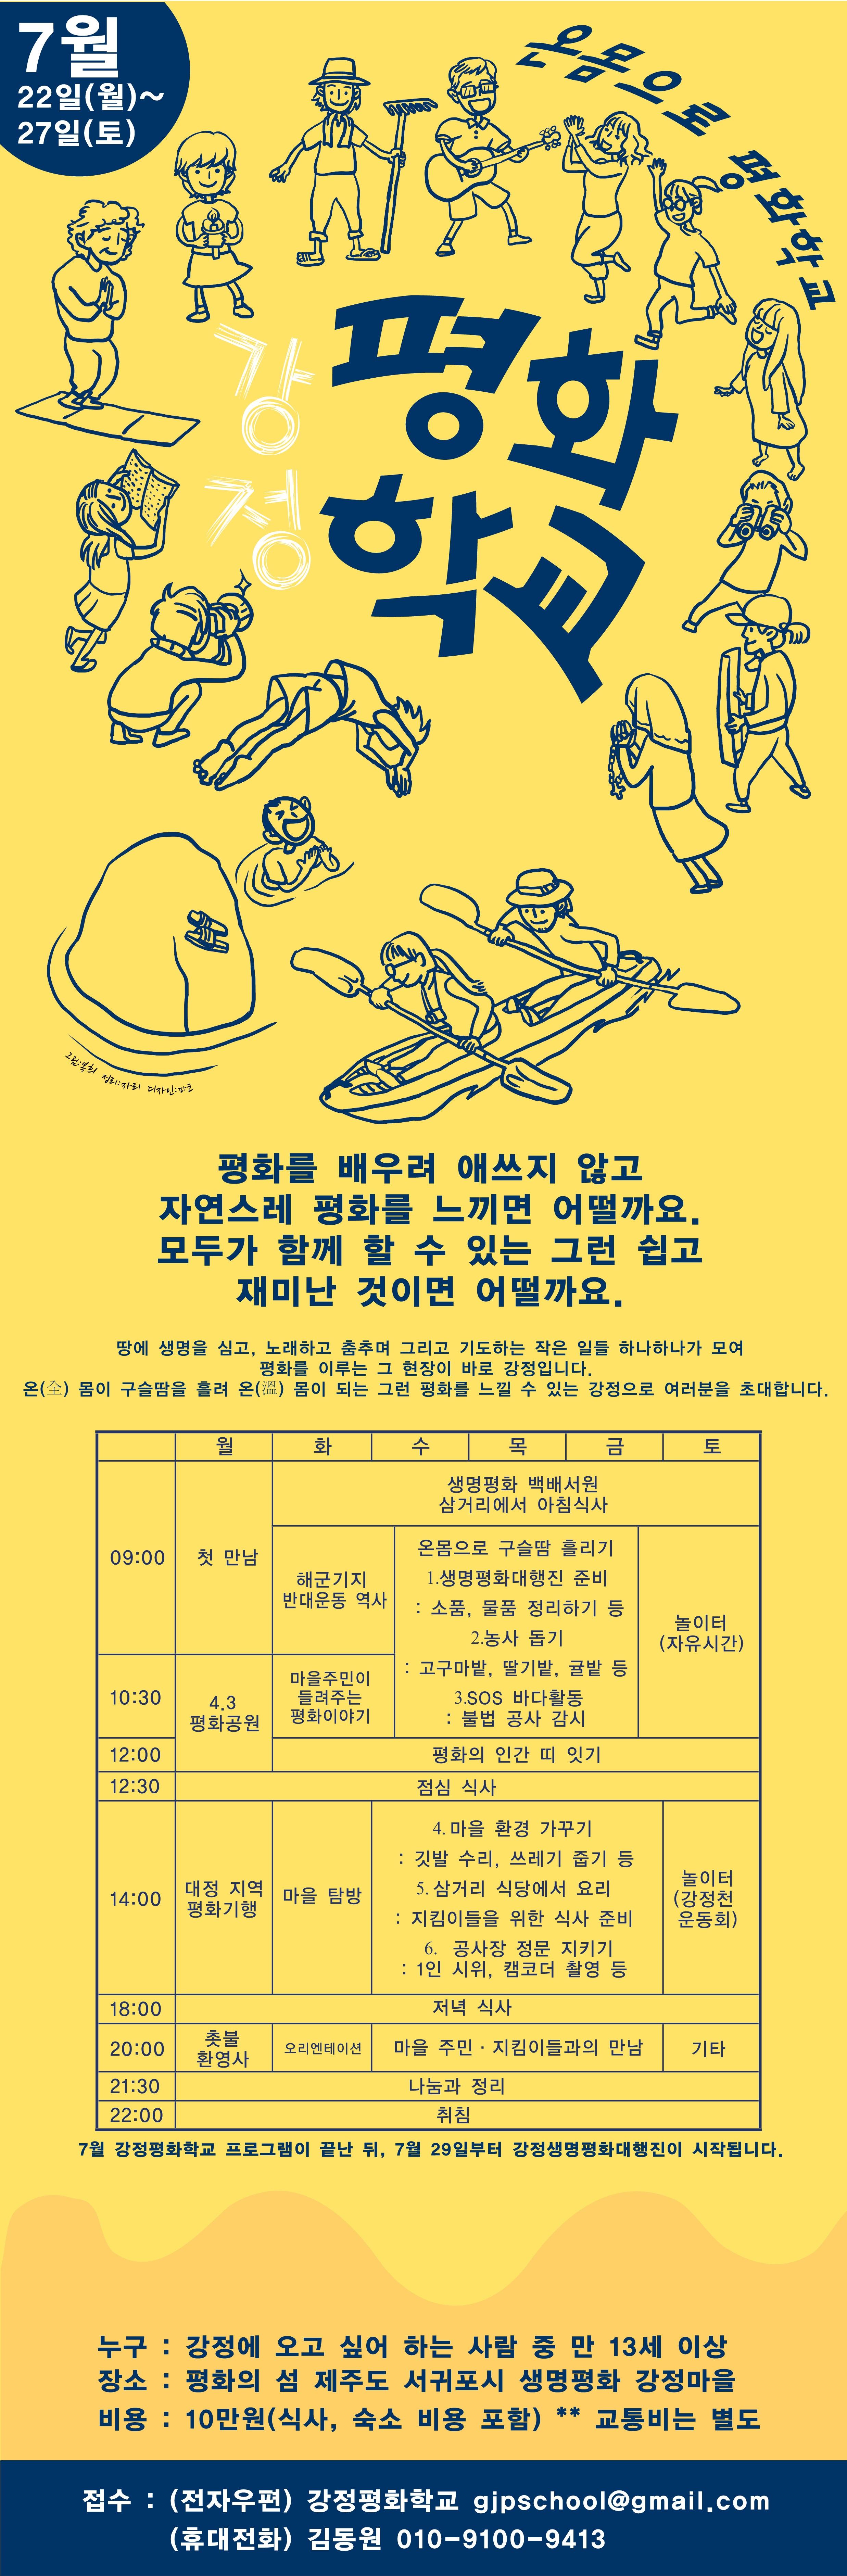 7월강정평화학교_온몸으로 평화학교.jpg